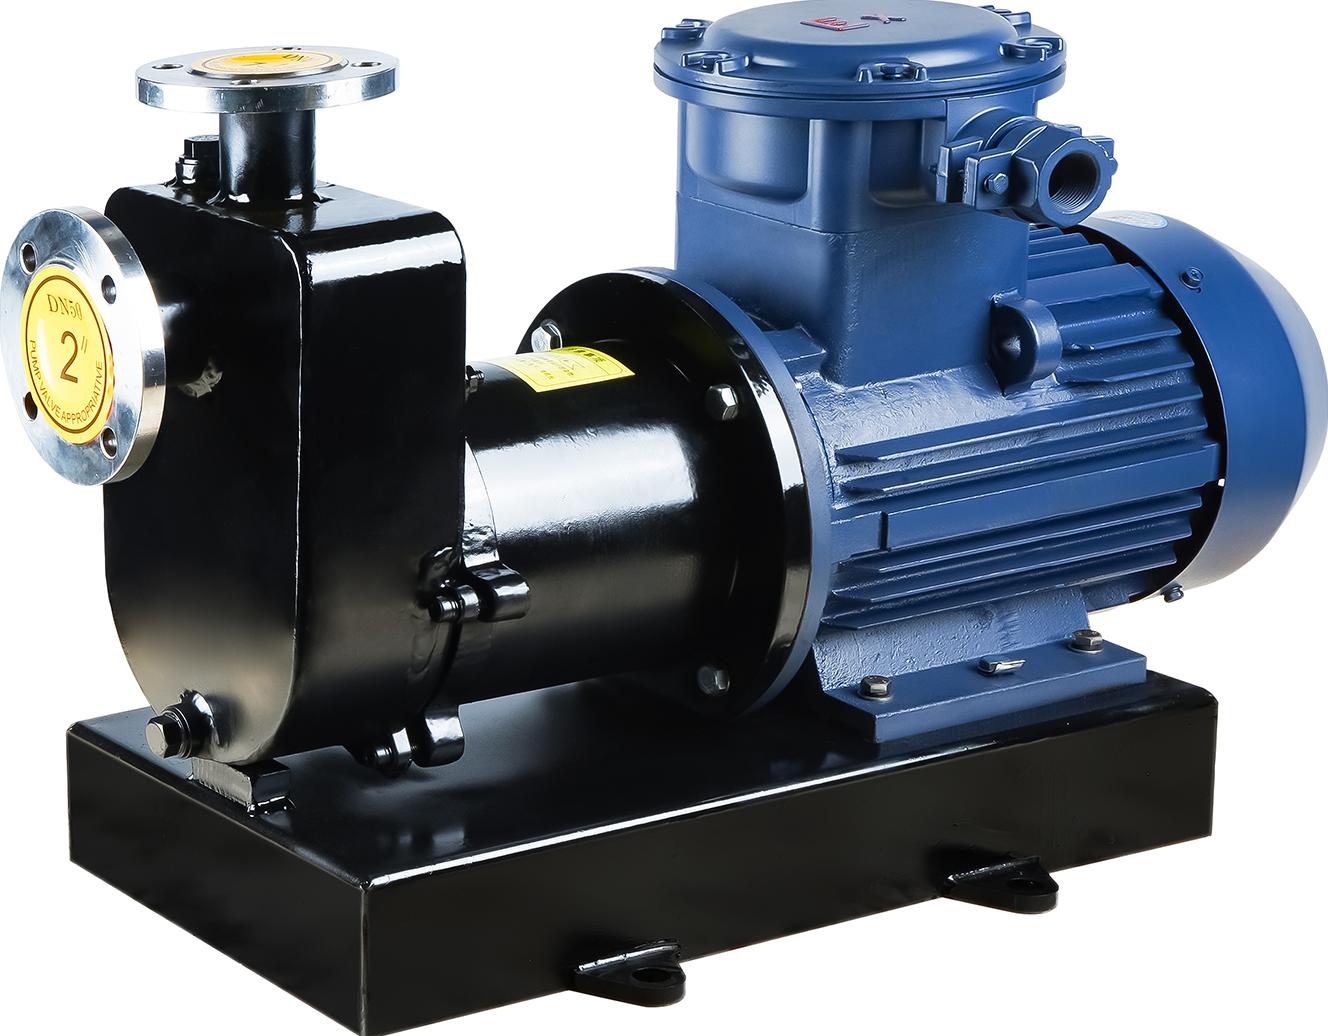 自吸磁力驱动泵吸不上水问题解决办法与一些重要提醒